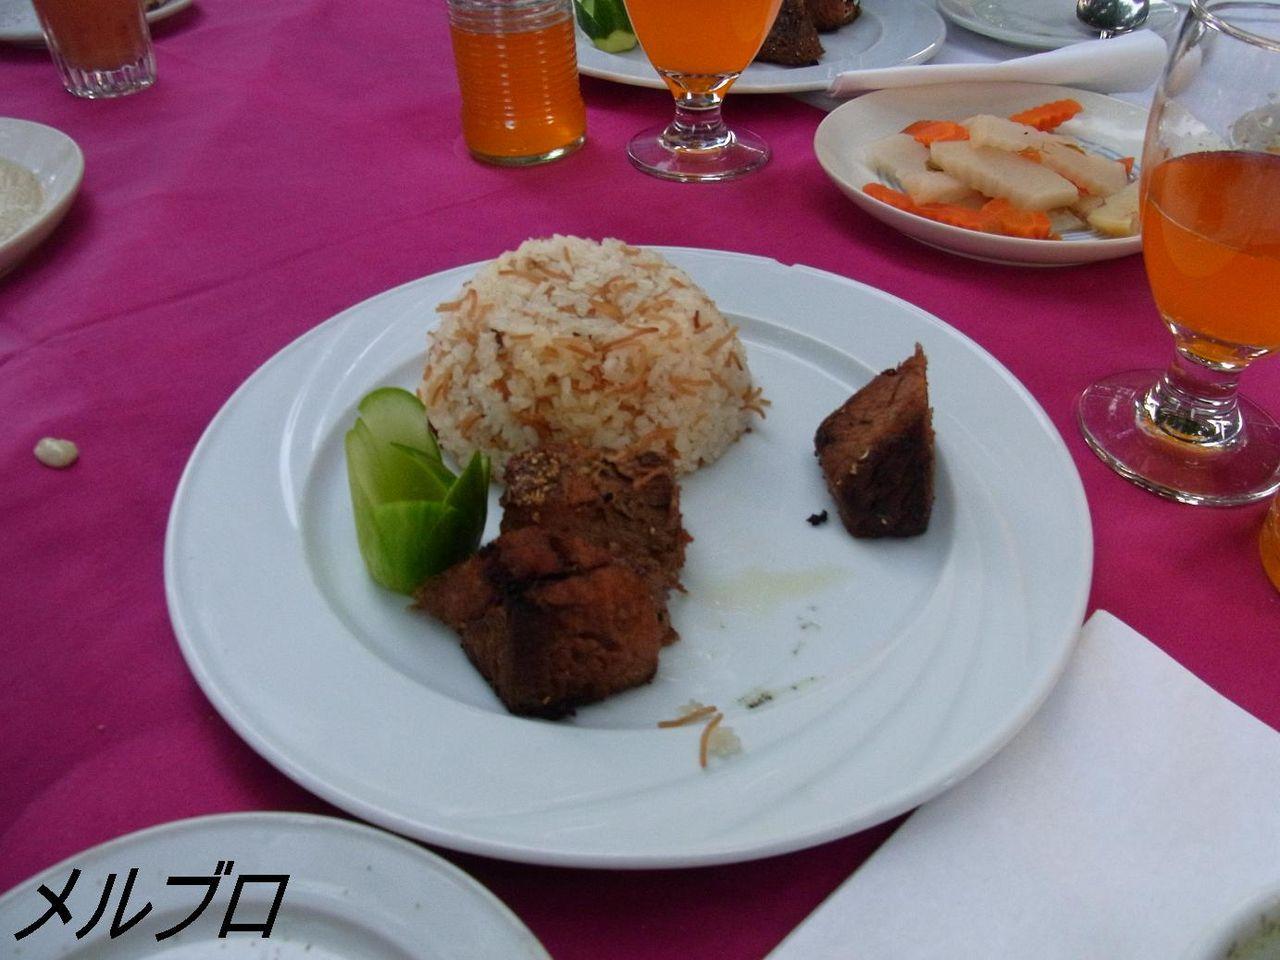 ラム肉のケバブ